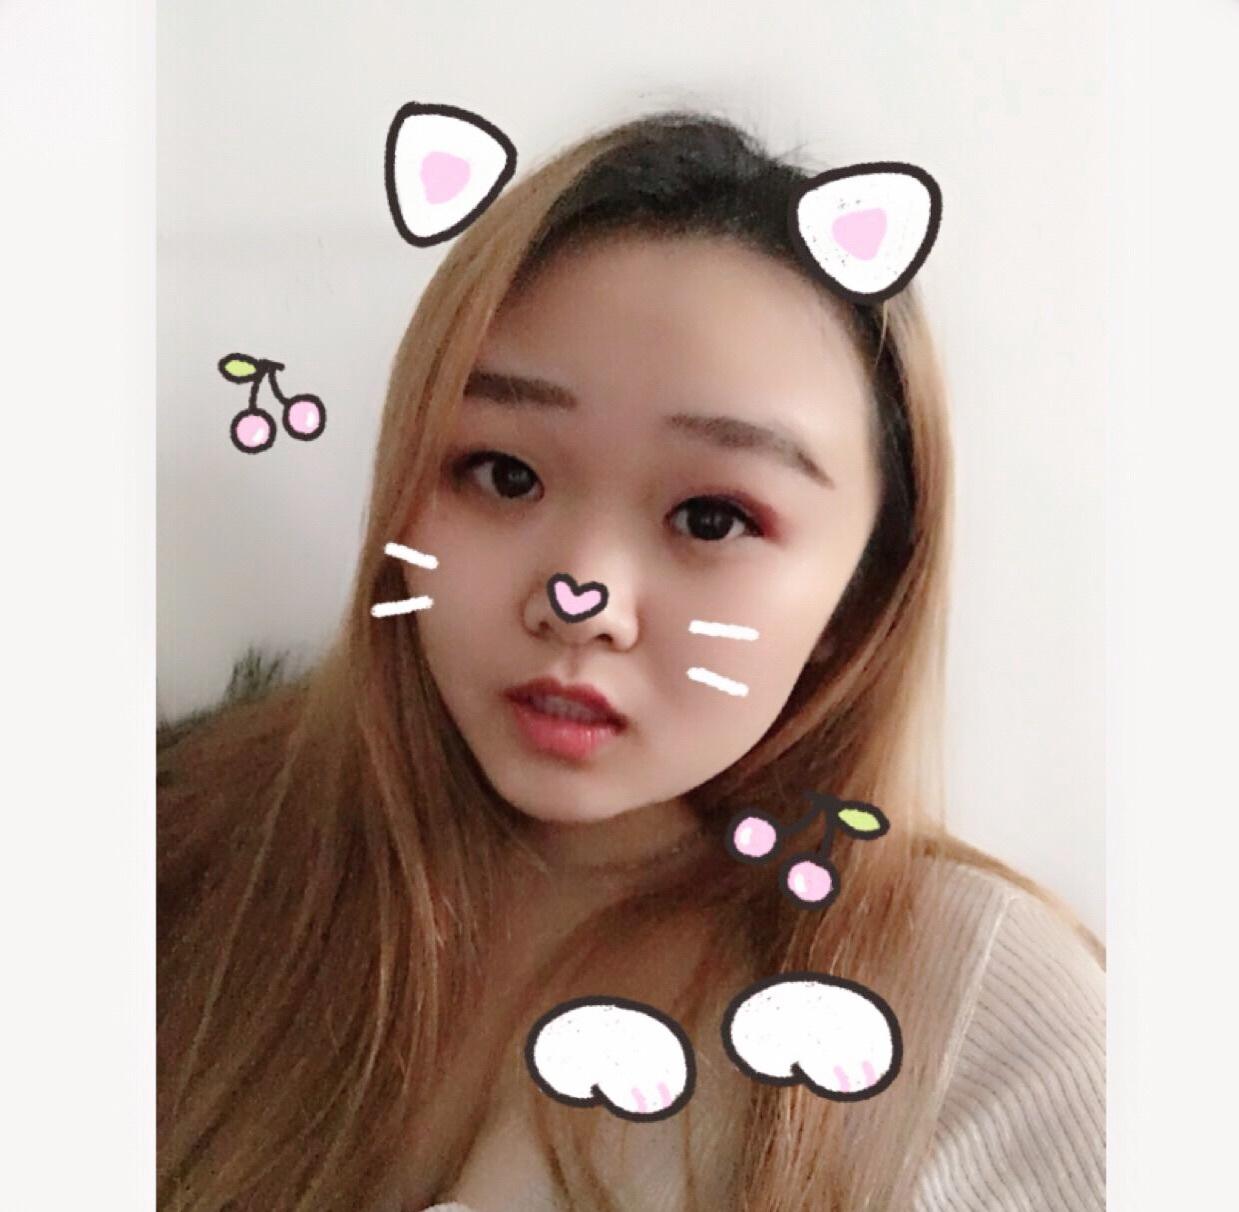 Bonnie_got